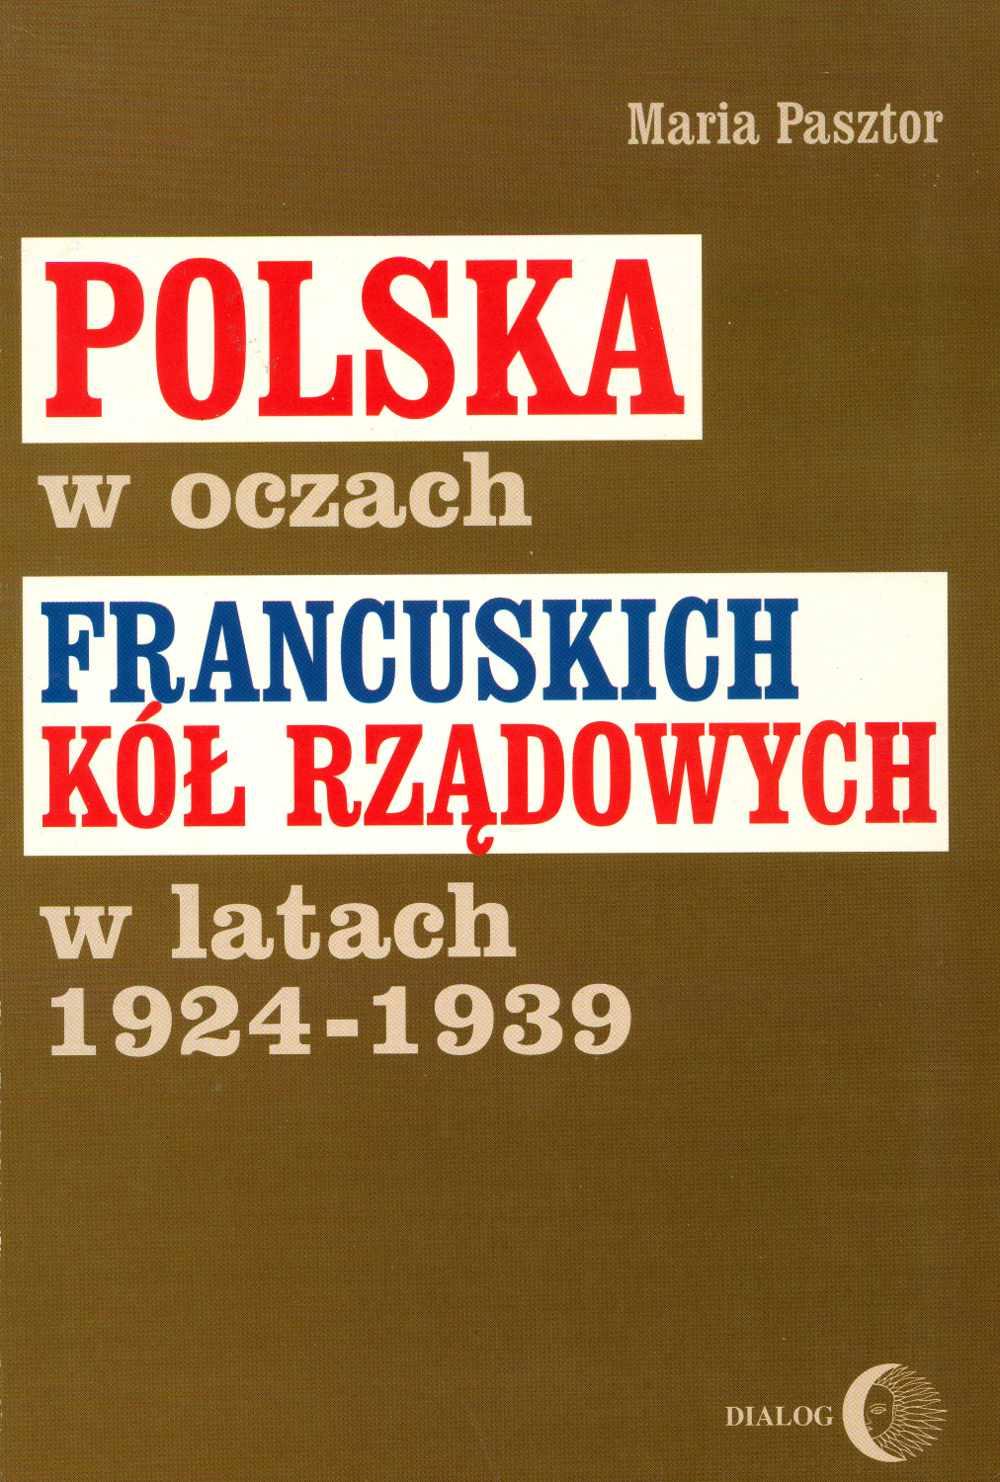 Polska w oczach francuskich kół rządowych w latach 1924-1939 - Ebook (Książka EPUB) do pobrania w formacie EPUB